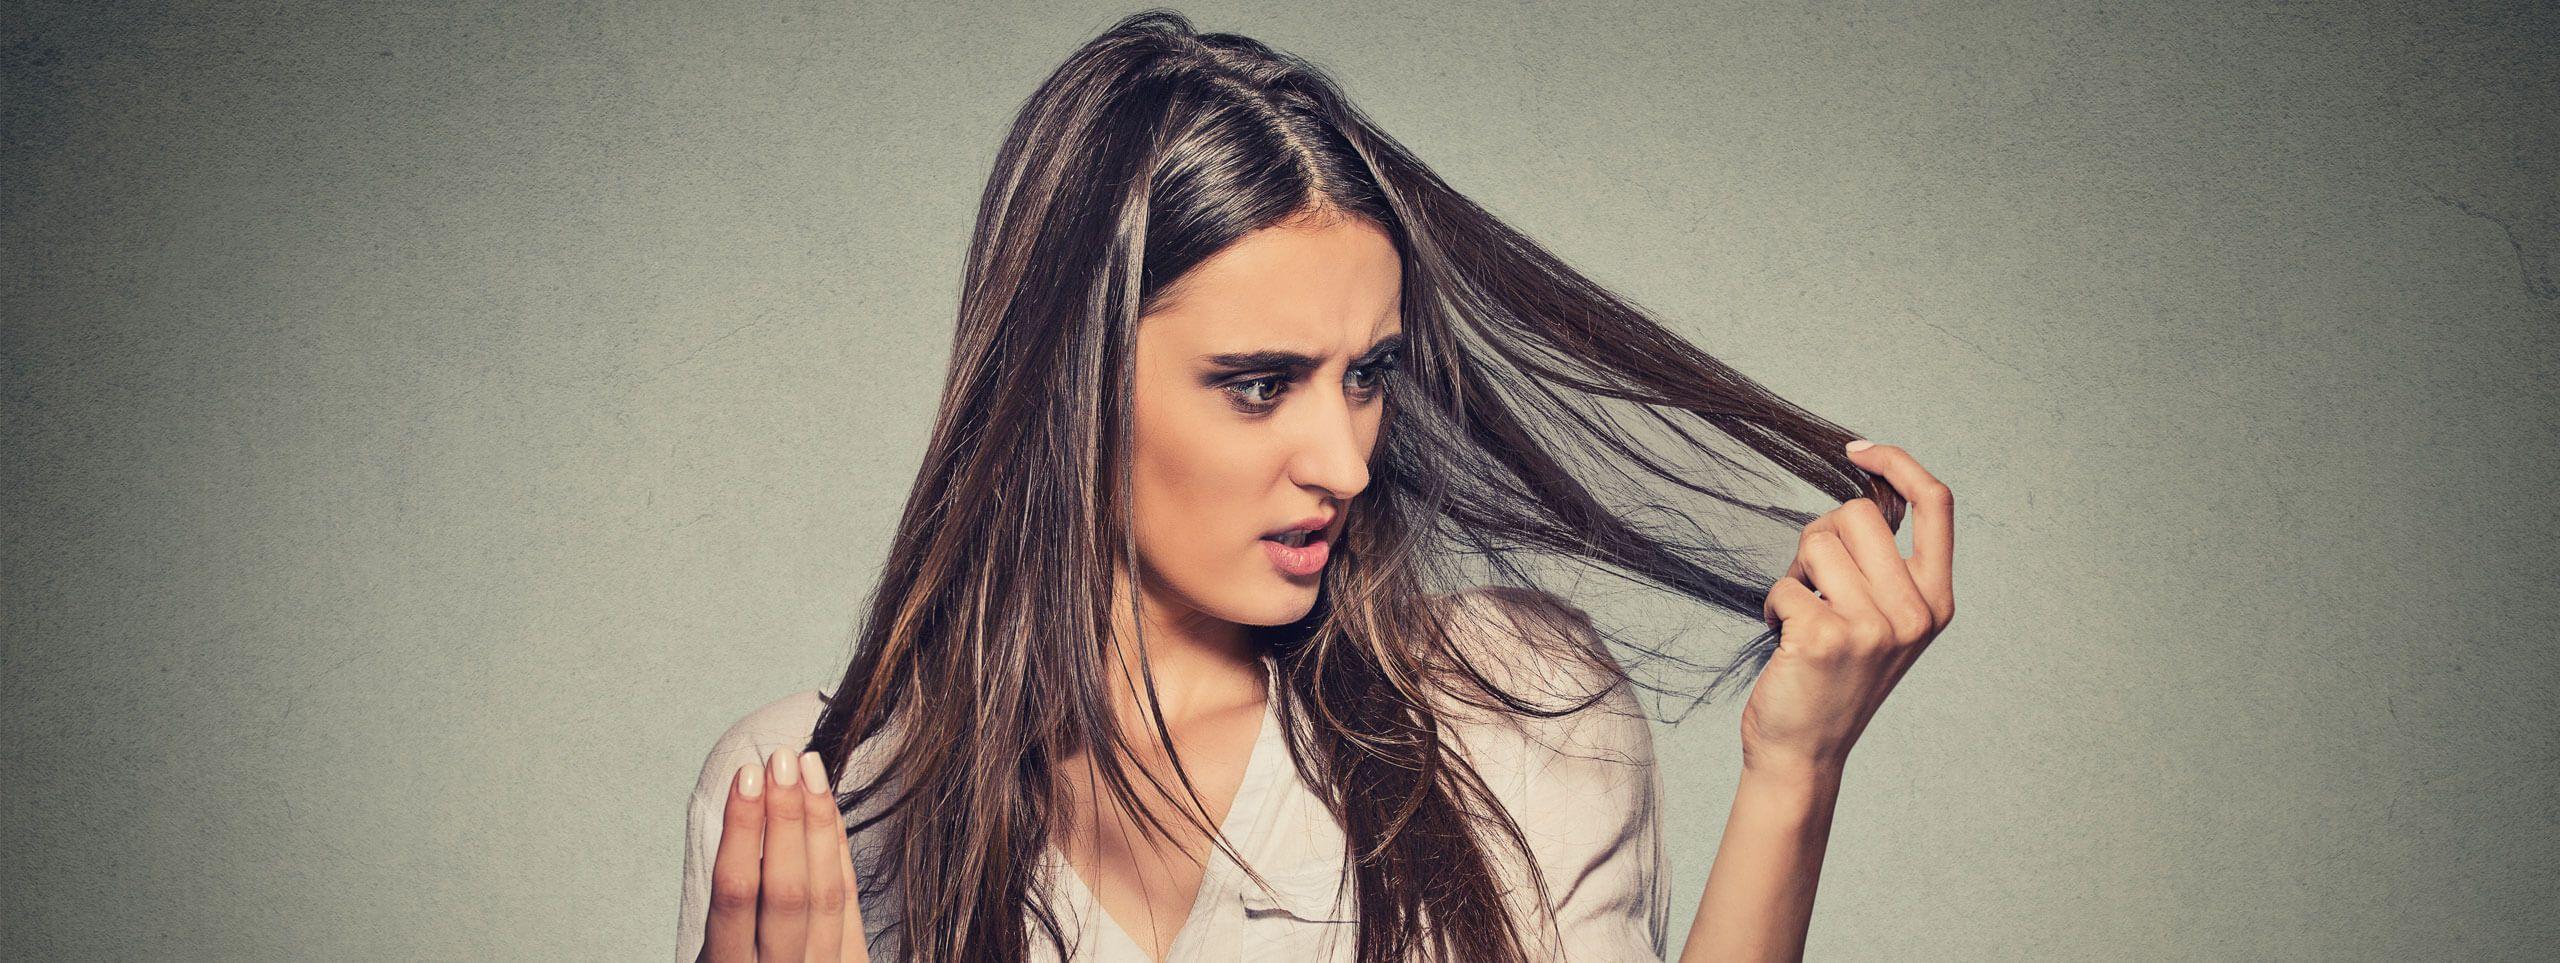 Przerażona kobieta trzymająca włosy